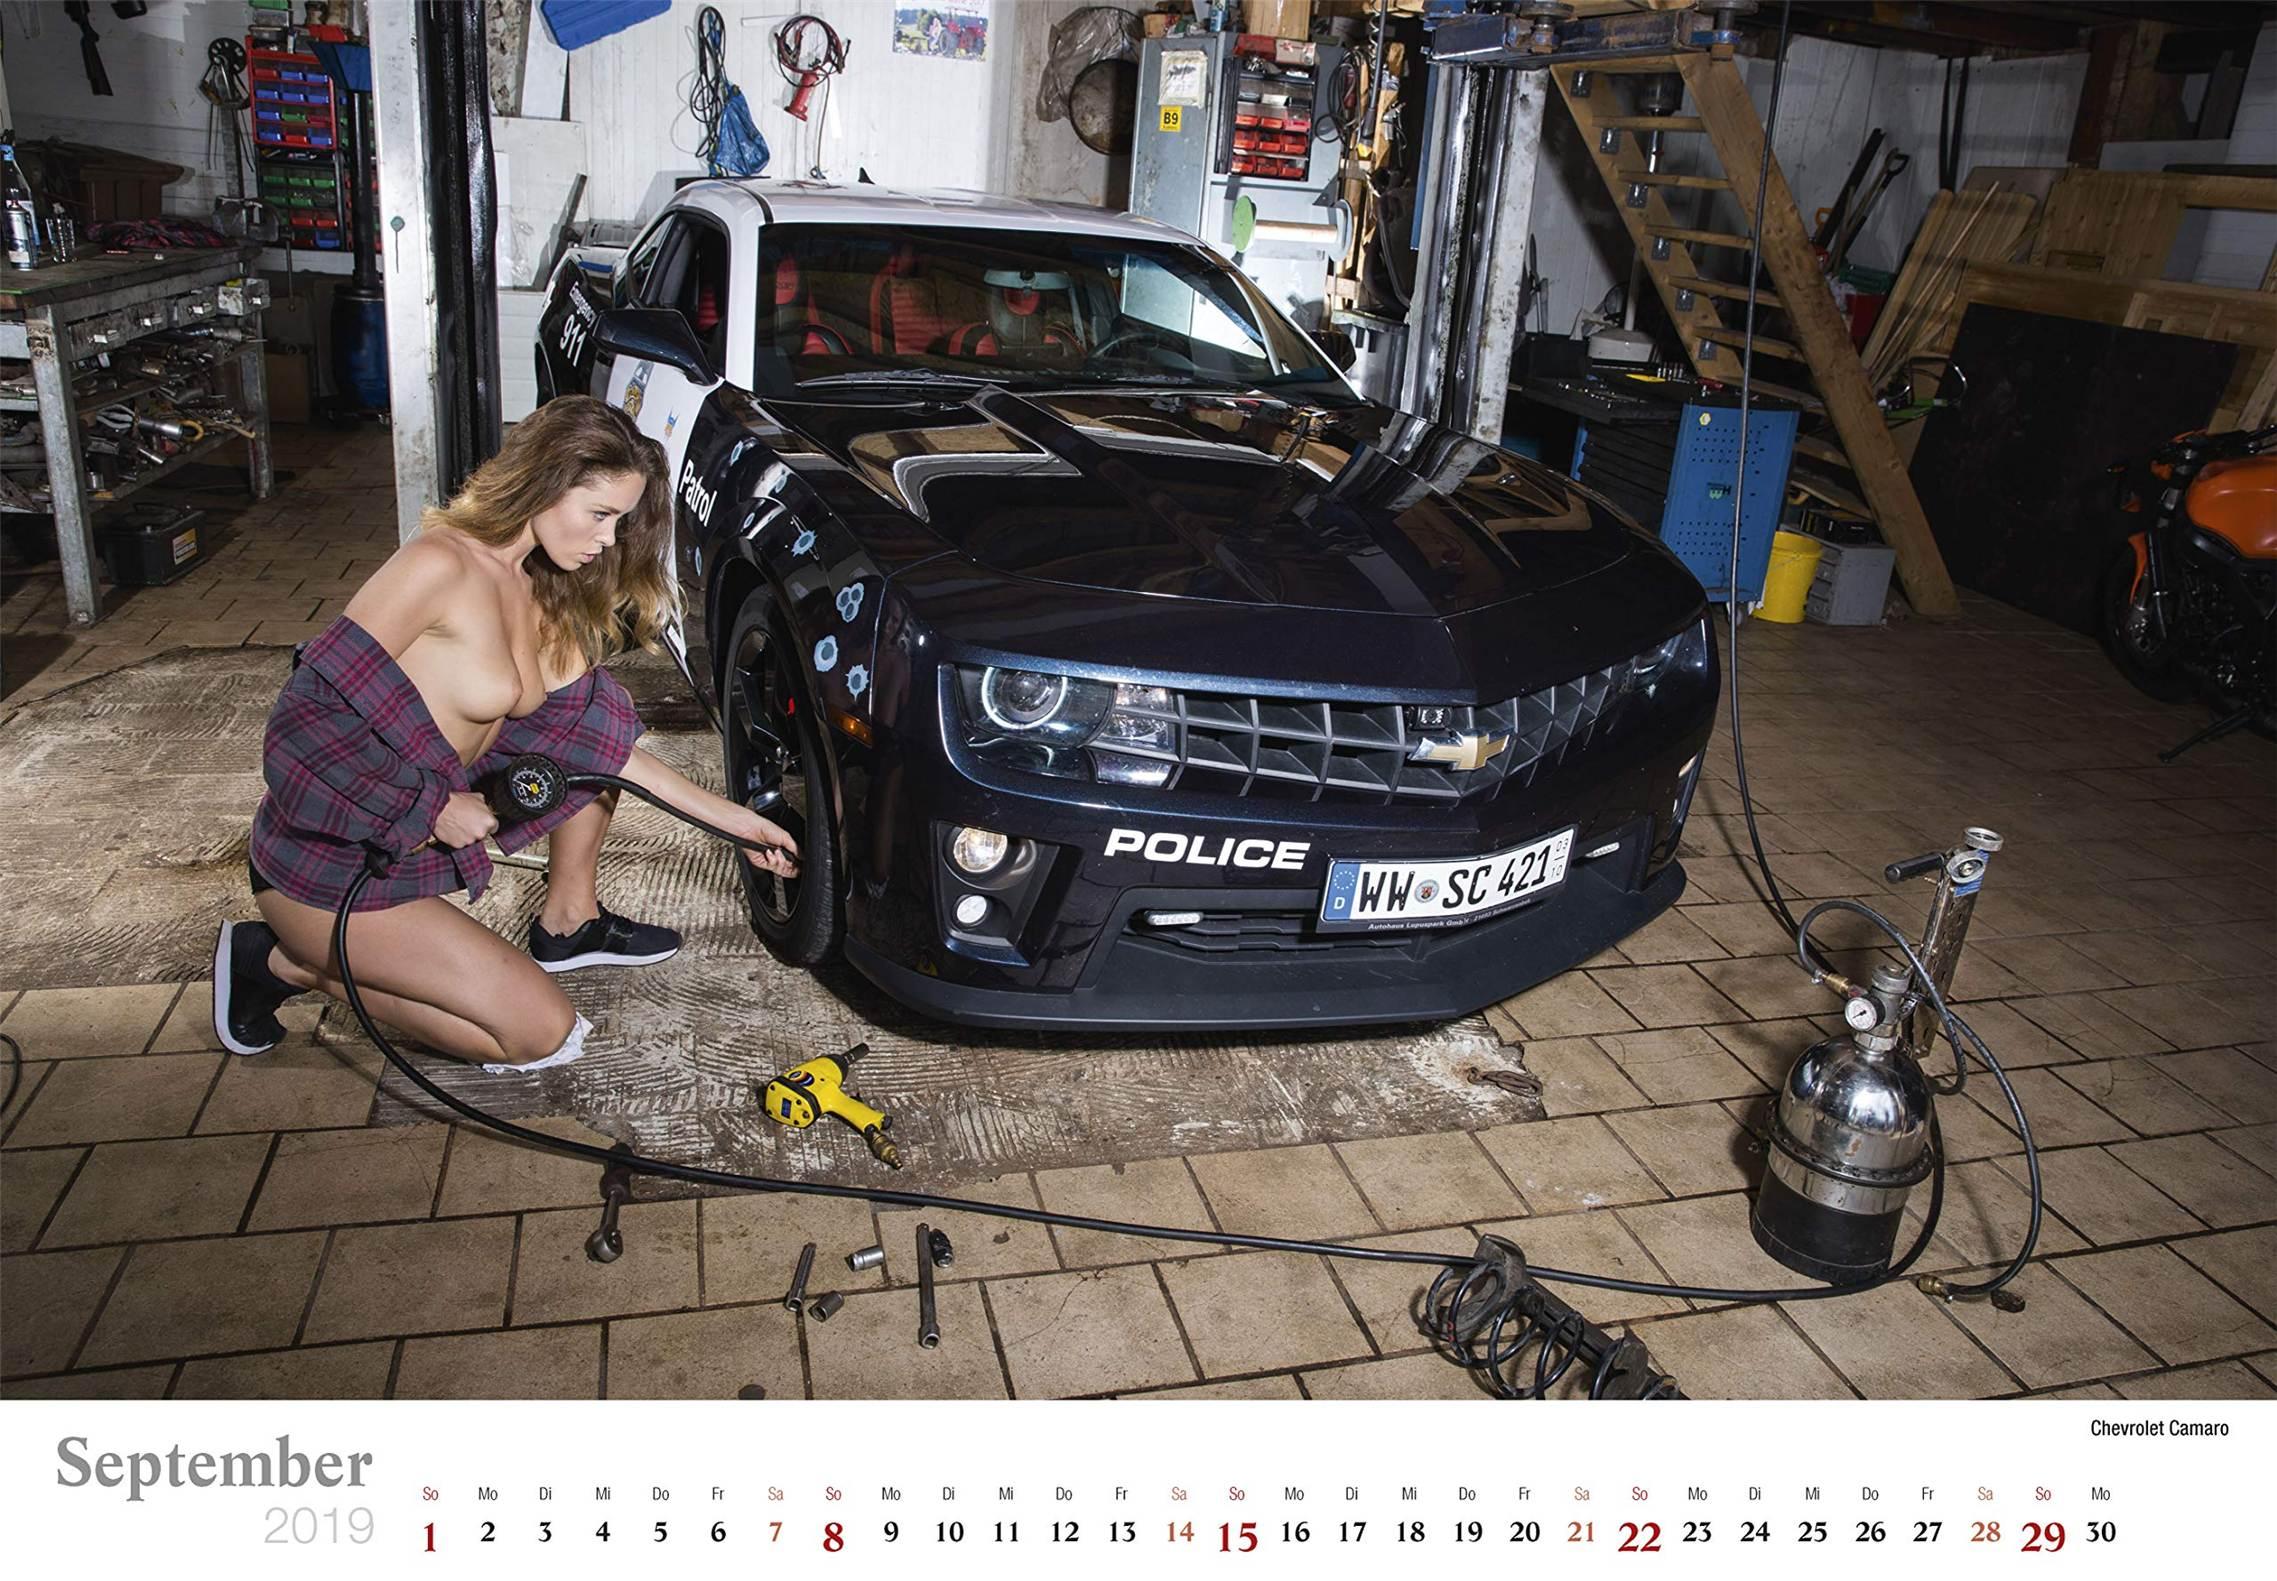 Сексуальные девушки ремонтируют автомобили / Chevrolet Camaro / Schraubertraume / 2019 erotic calendar by Frank Lutzeback